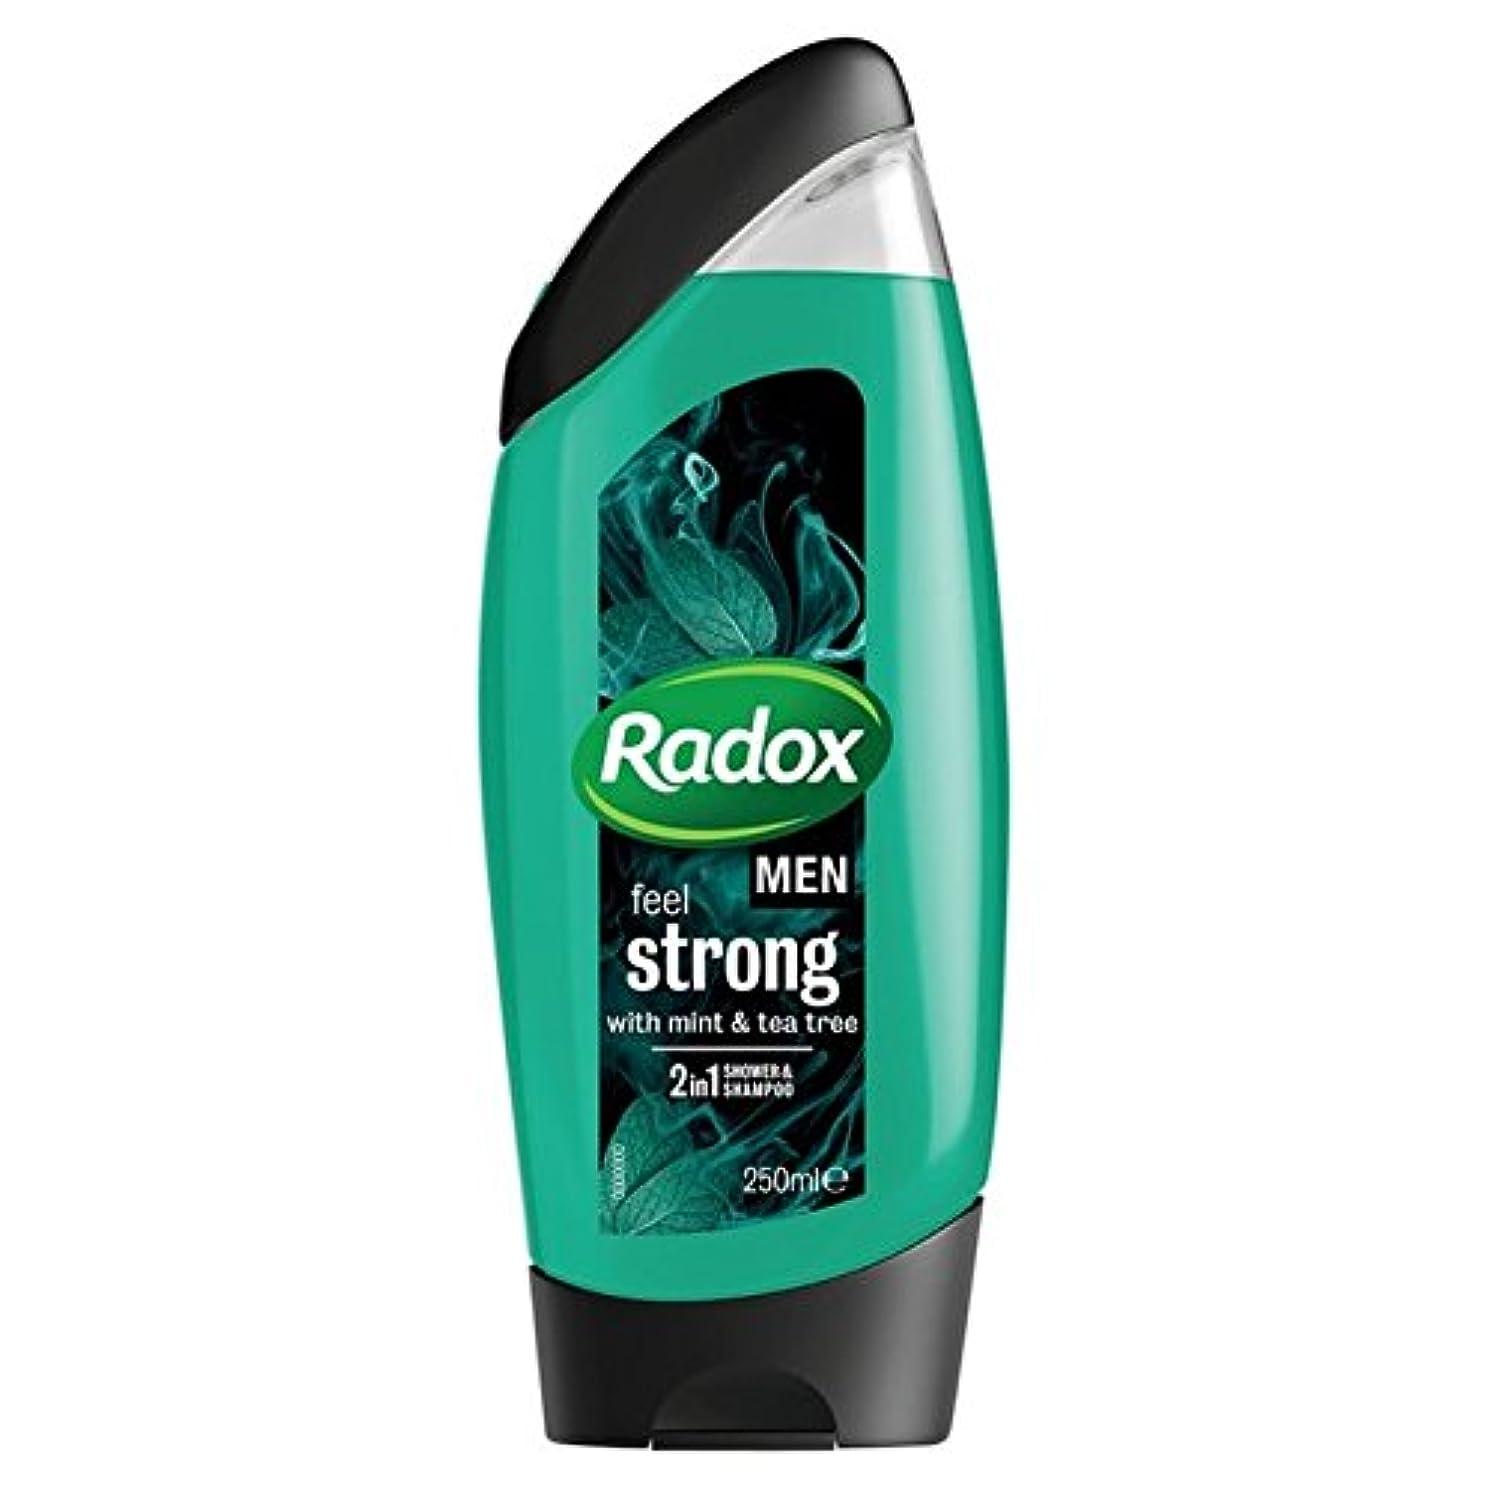 発生に付けるにやにや男性は、強力なミント&ティーツリーの21のシャワージェル250ミリリットルを感じます x4 - Radox Men Feel Strong Mint & Tea Tree 2in1 Shower Gel 250ml (Pack of 4) [並行輸入品]